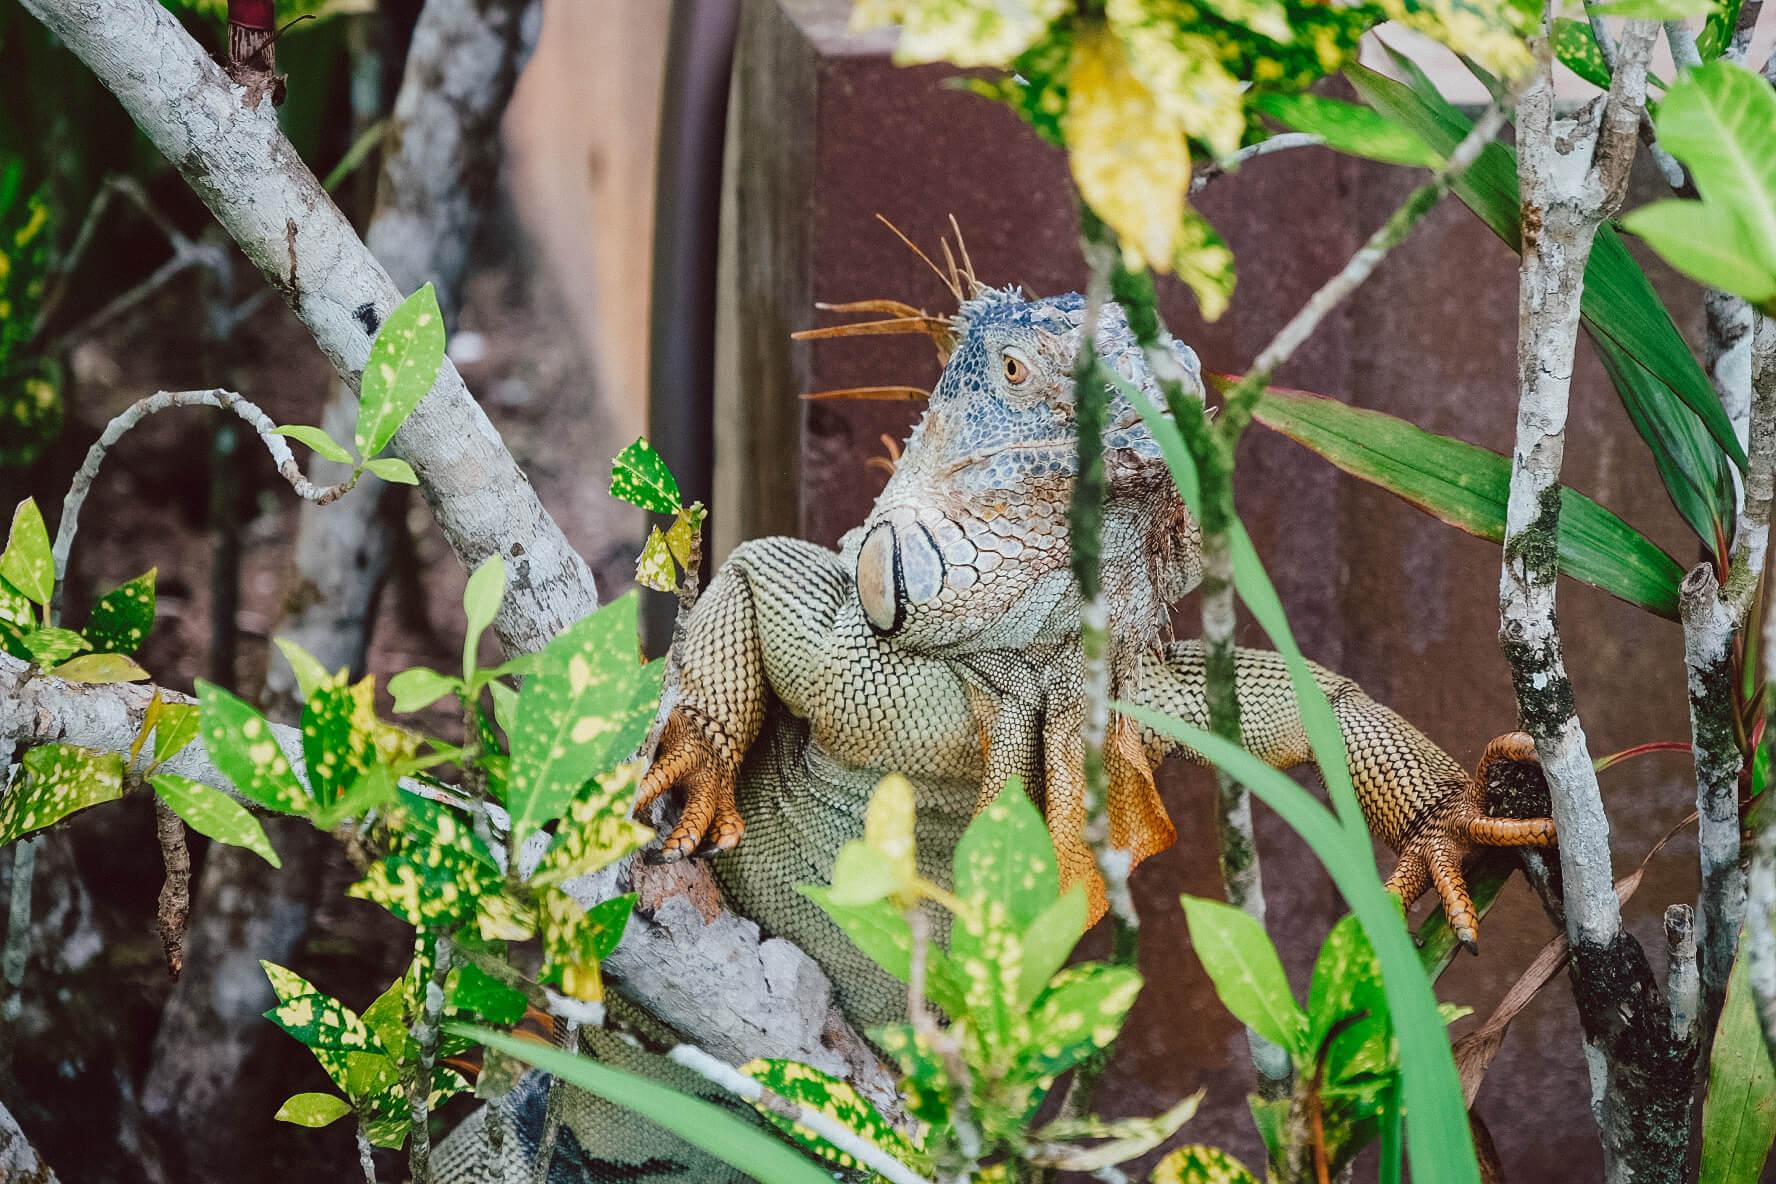 Nationalpark_Tortuguero_Nationalpark_Tortuga Lodge_Leguan